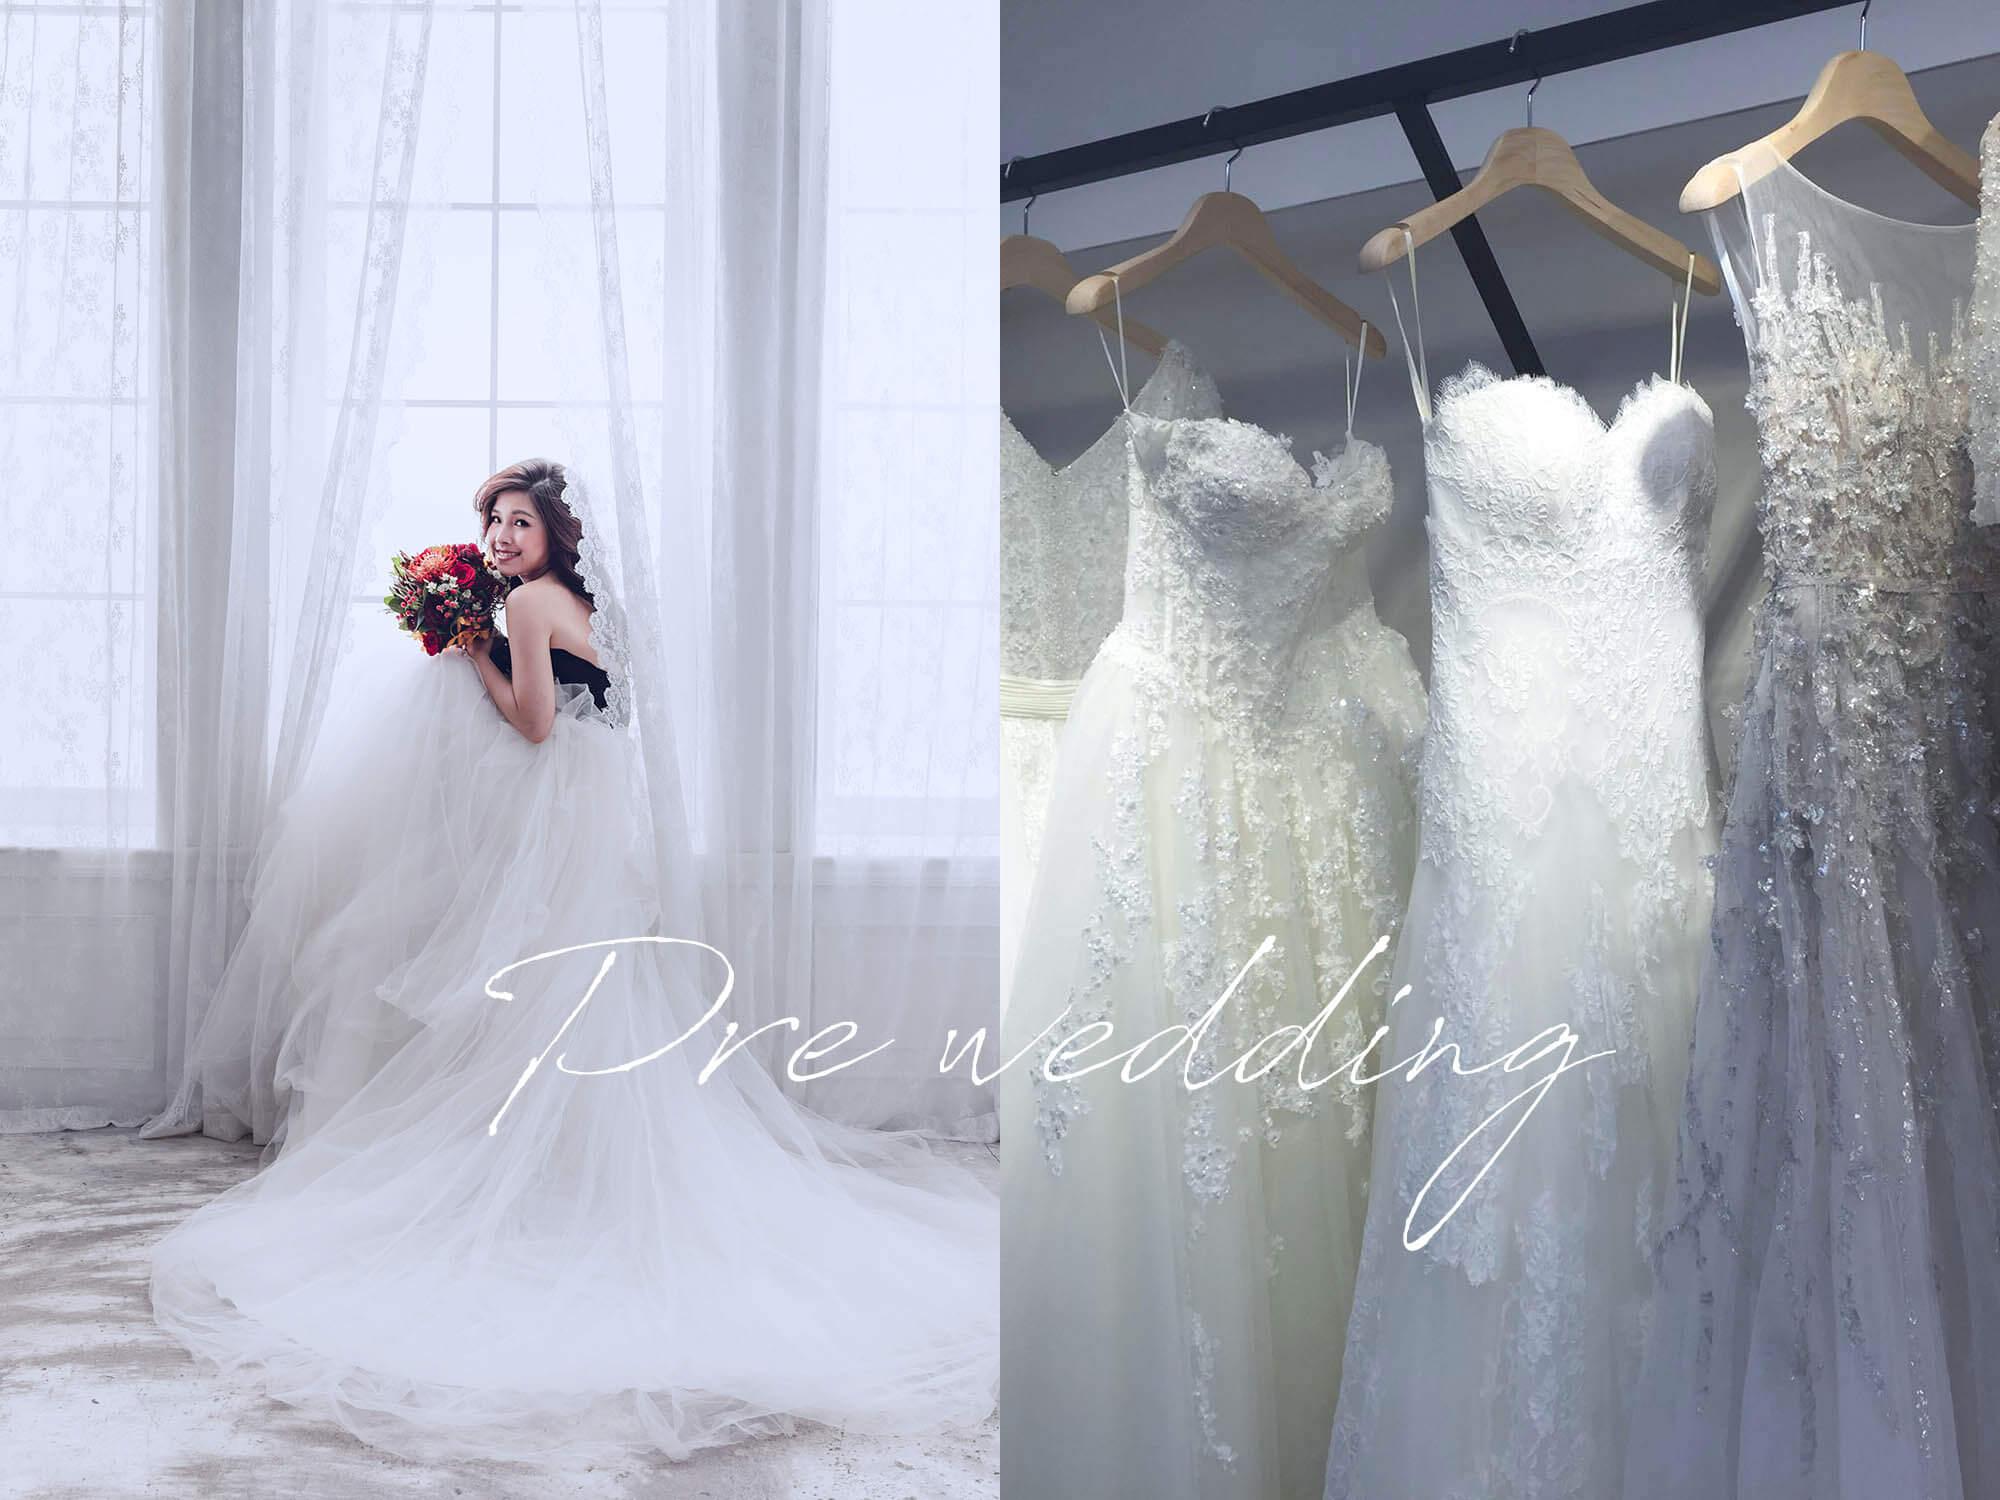 婚紗照禮服&攝影師推薦|Red Carpet紅毯手工婚紗、HelenYeh,婚紗照款挑選成果全記錄